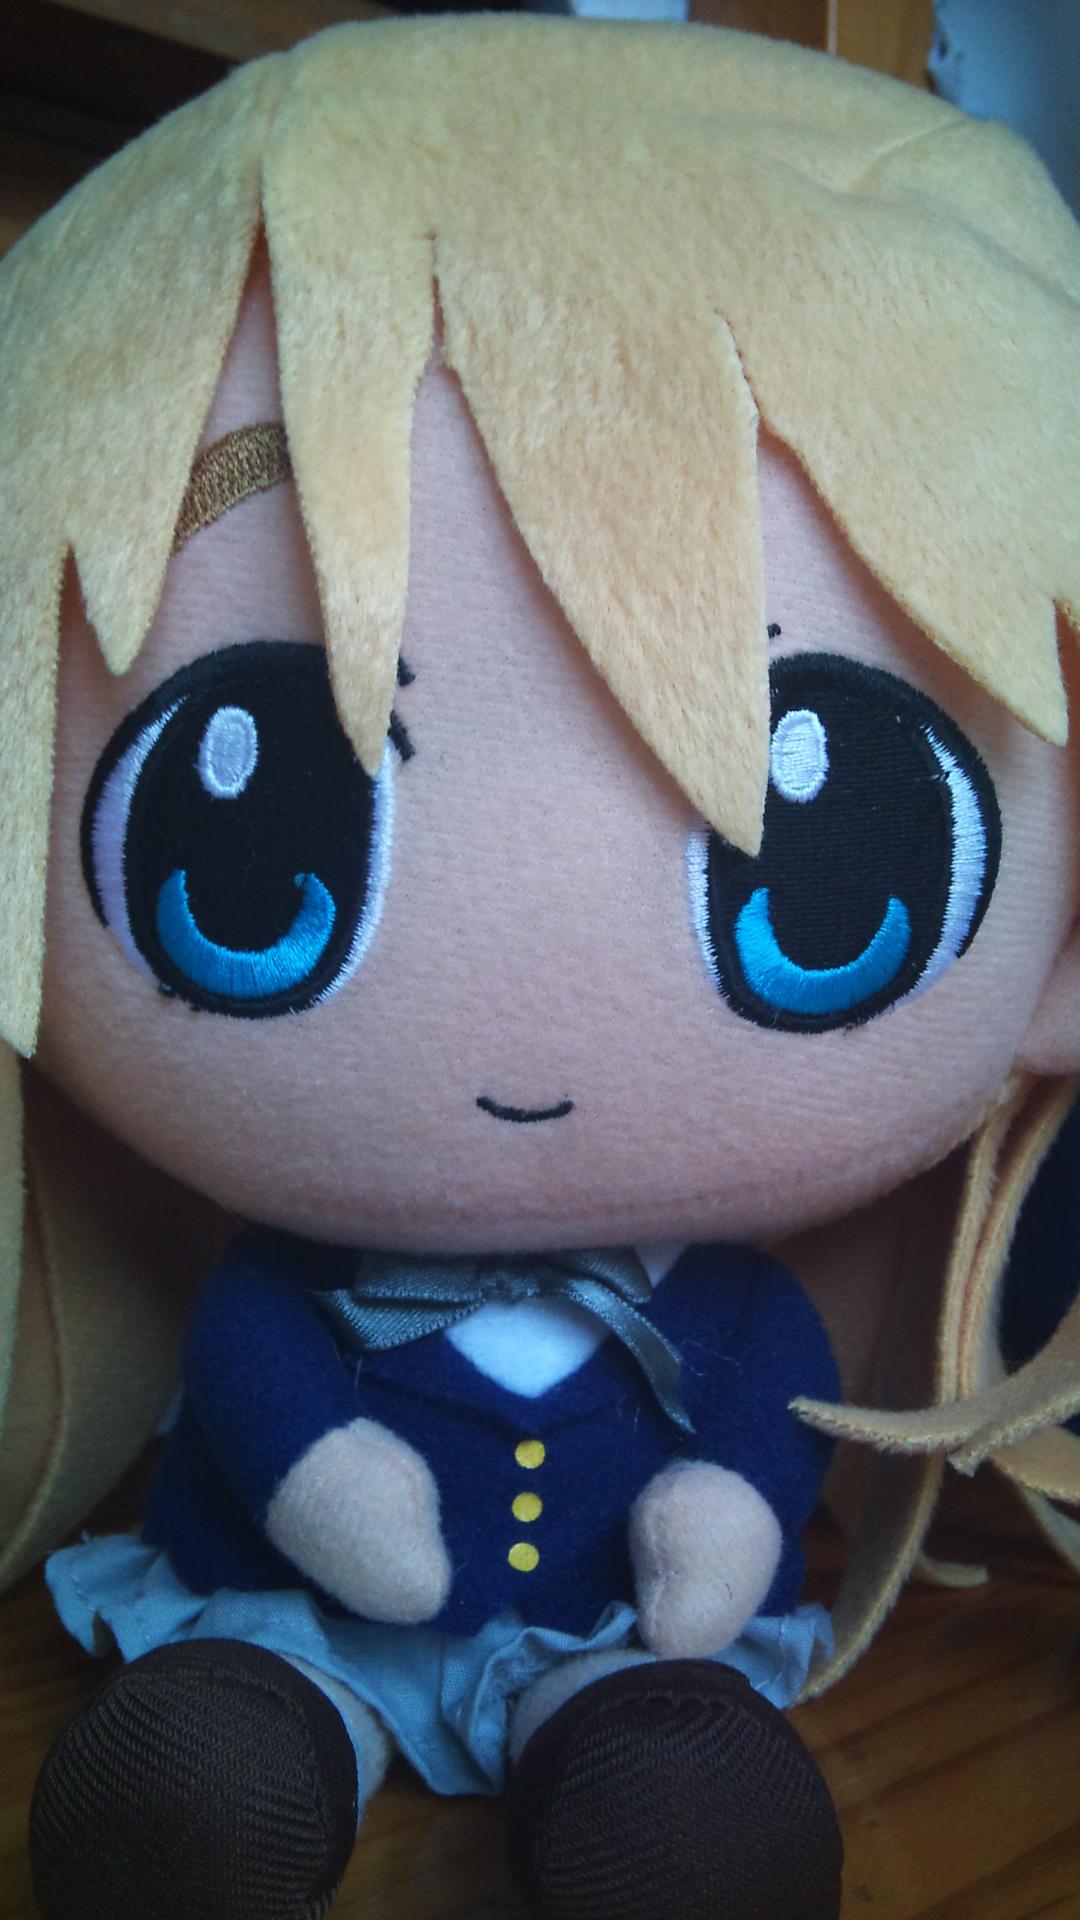 k-on! banpresto kotobuki_tsumugi